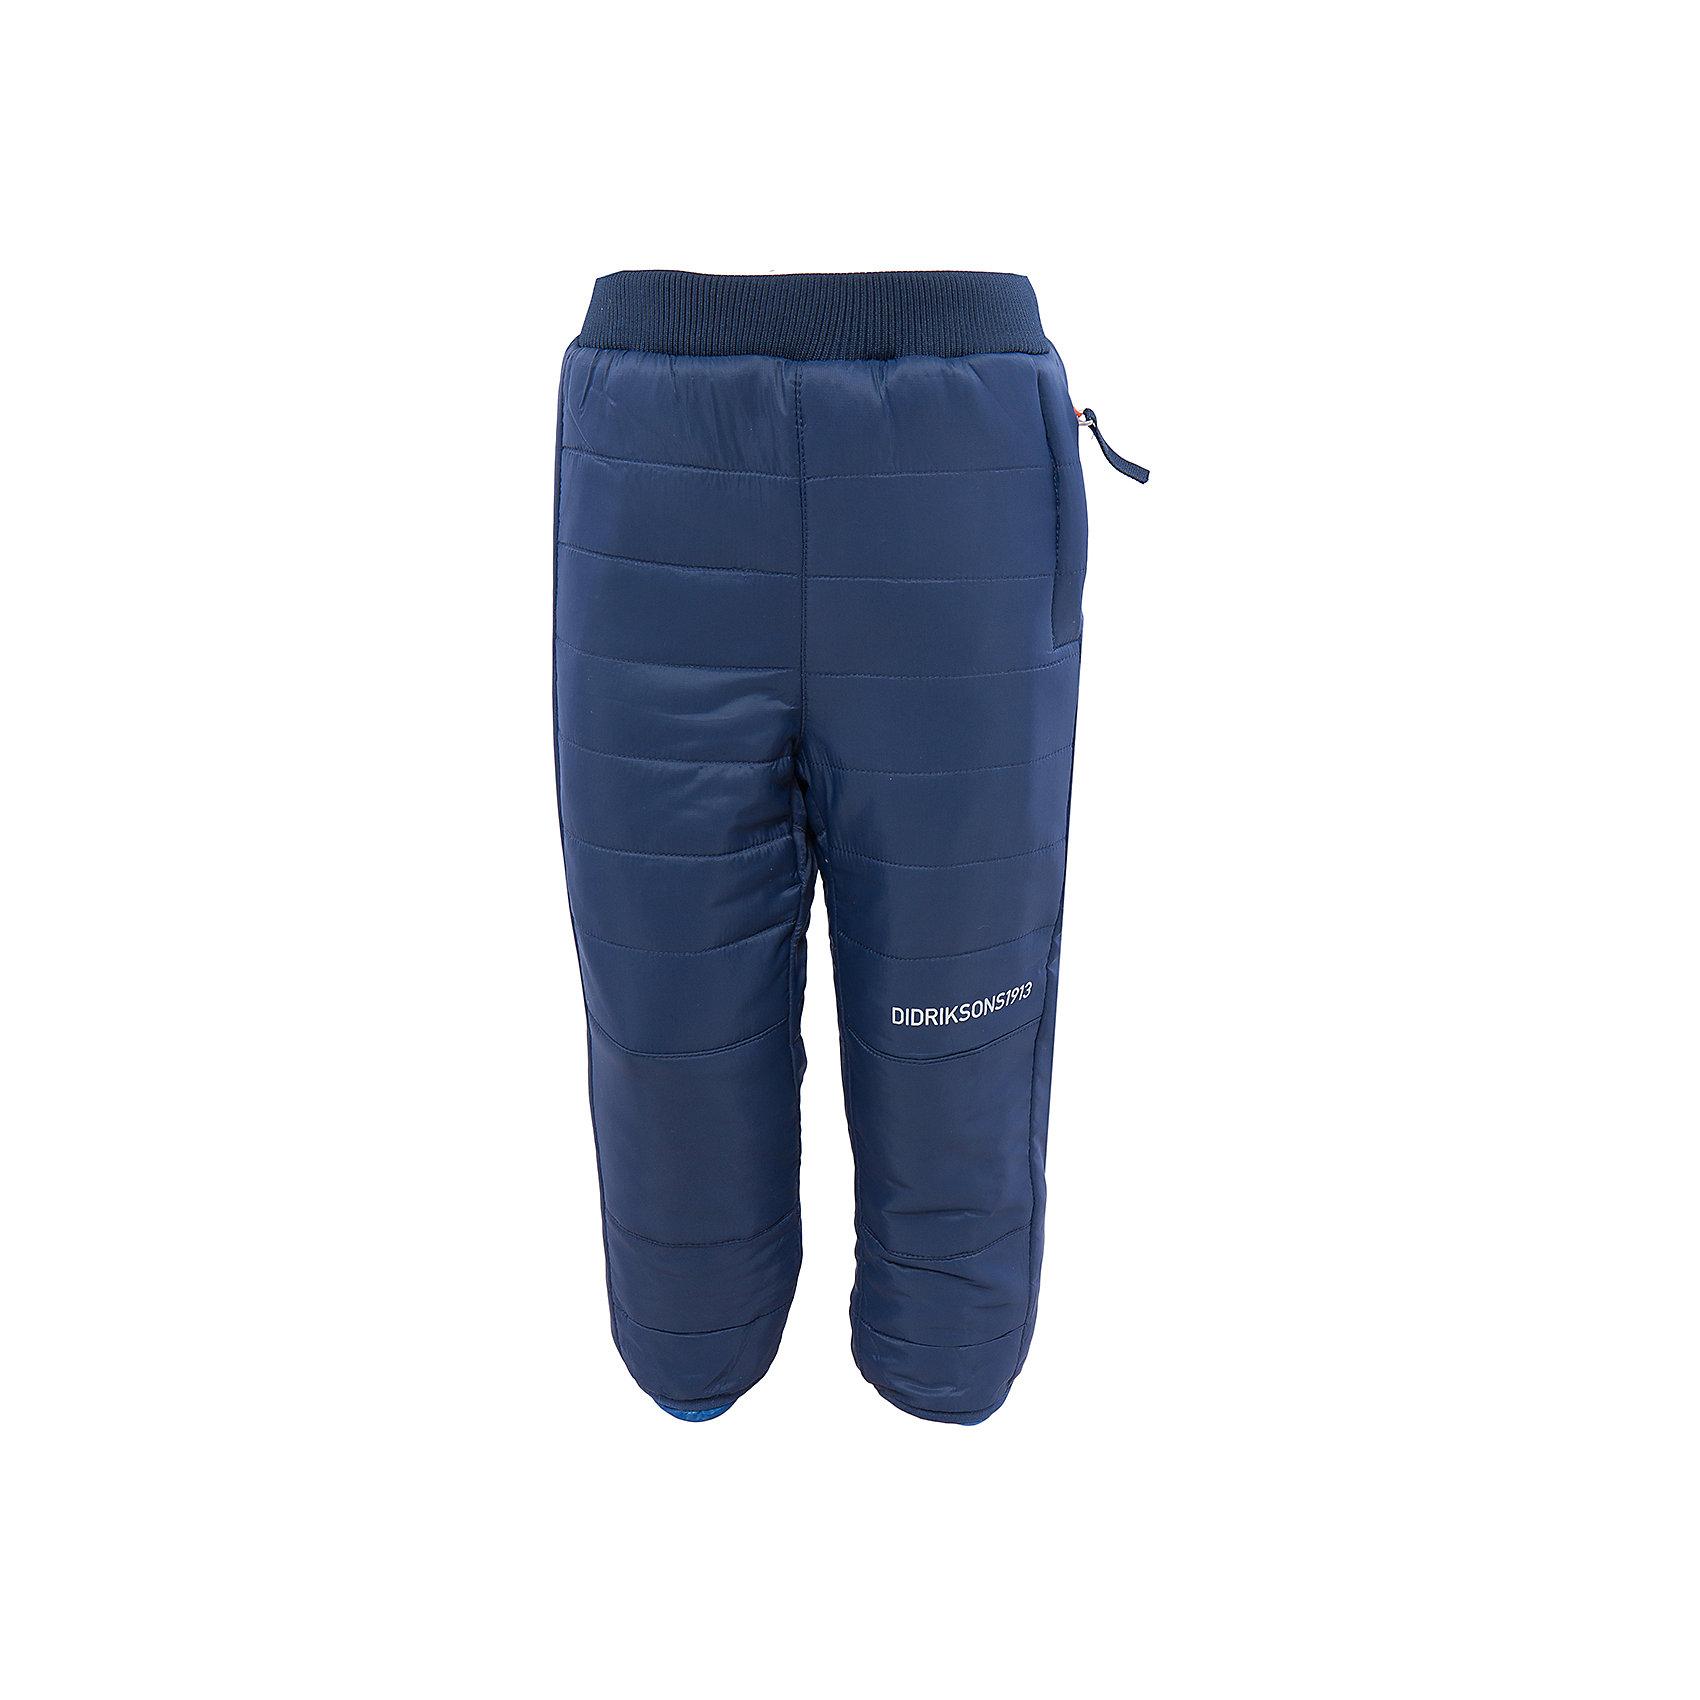 Брюки DIDRIKSONSБрюки от известного бренда DIDRIKSONS.<br>Легкие стеганные брючки с утеплителем 100 г/м. Пояс - на резинке. Могут служить как самостоятельной верхней одеждой, так и вторым слоем для утепления в прохладную погоду. Отличное решение для прогулок в ветреный день.<br>Состав:<br>Верх - 100% полиэстер, подкладка - 100% полиэстер<br><br>Ширина мм: 215<br>Глубина мм: 88<br>Высота мм: 191<br>Вес г: 336<br>Цвет: голубой<br>Возраст от месяцев: 12<br>Возраст до месяцев: 15<br>Пол: Унисекс<br>Возраст: Детский<br>Размер: 80,130,140,120,100,90<br>SKU: 5003980